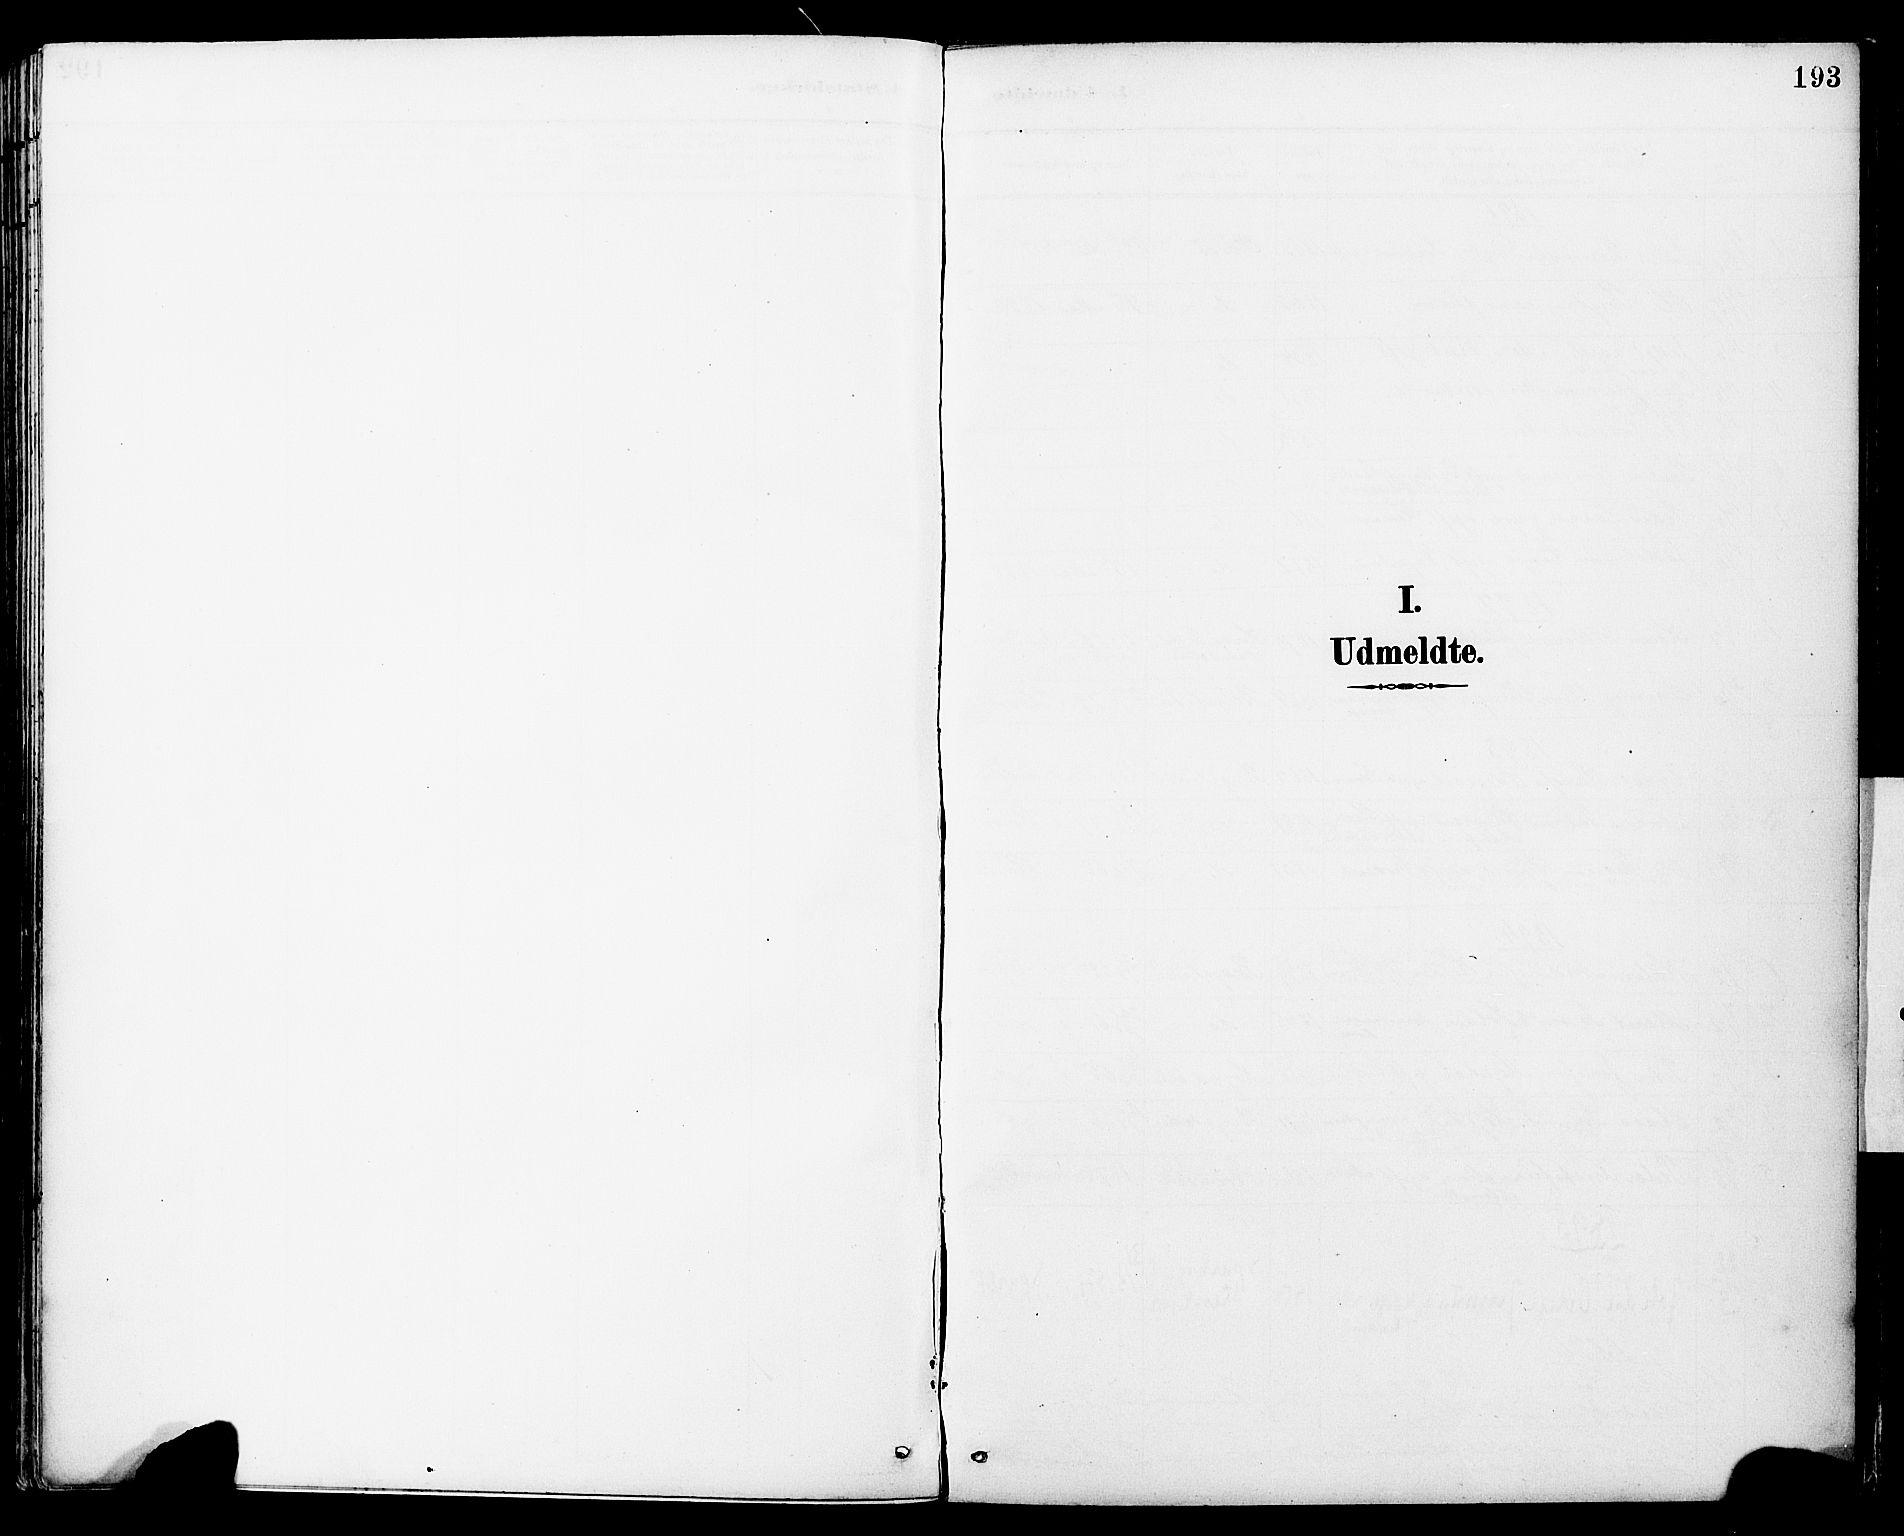 SAT, Ministerialprotokoller, klokkerbøker og fødselsregistre - Sør-Trøndelag, 681/L0935: Ministerialbok nr. 681A13, 1890-1898, s. 193